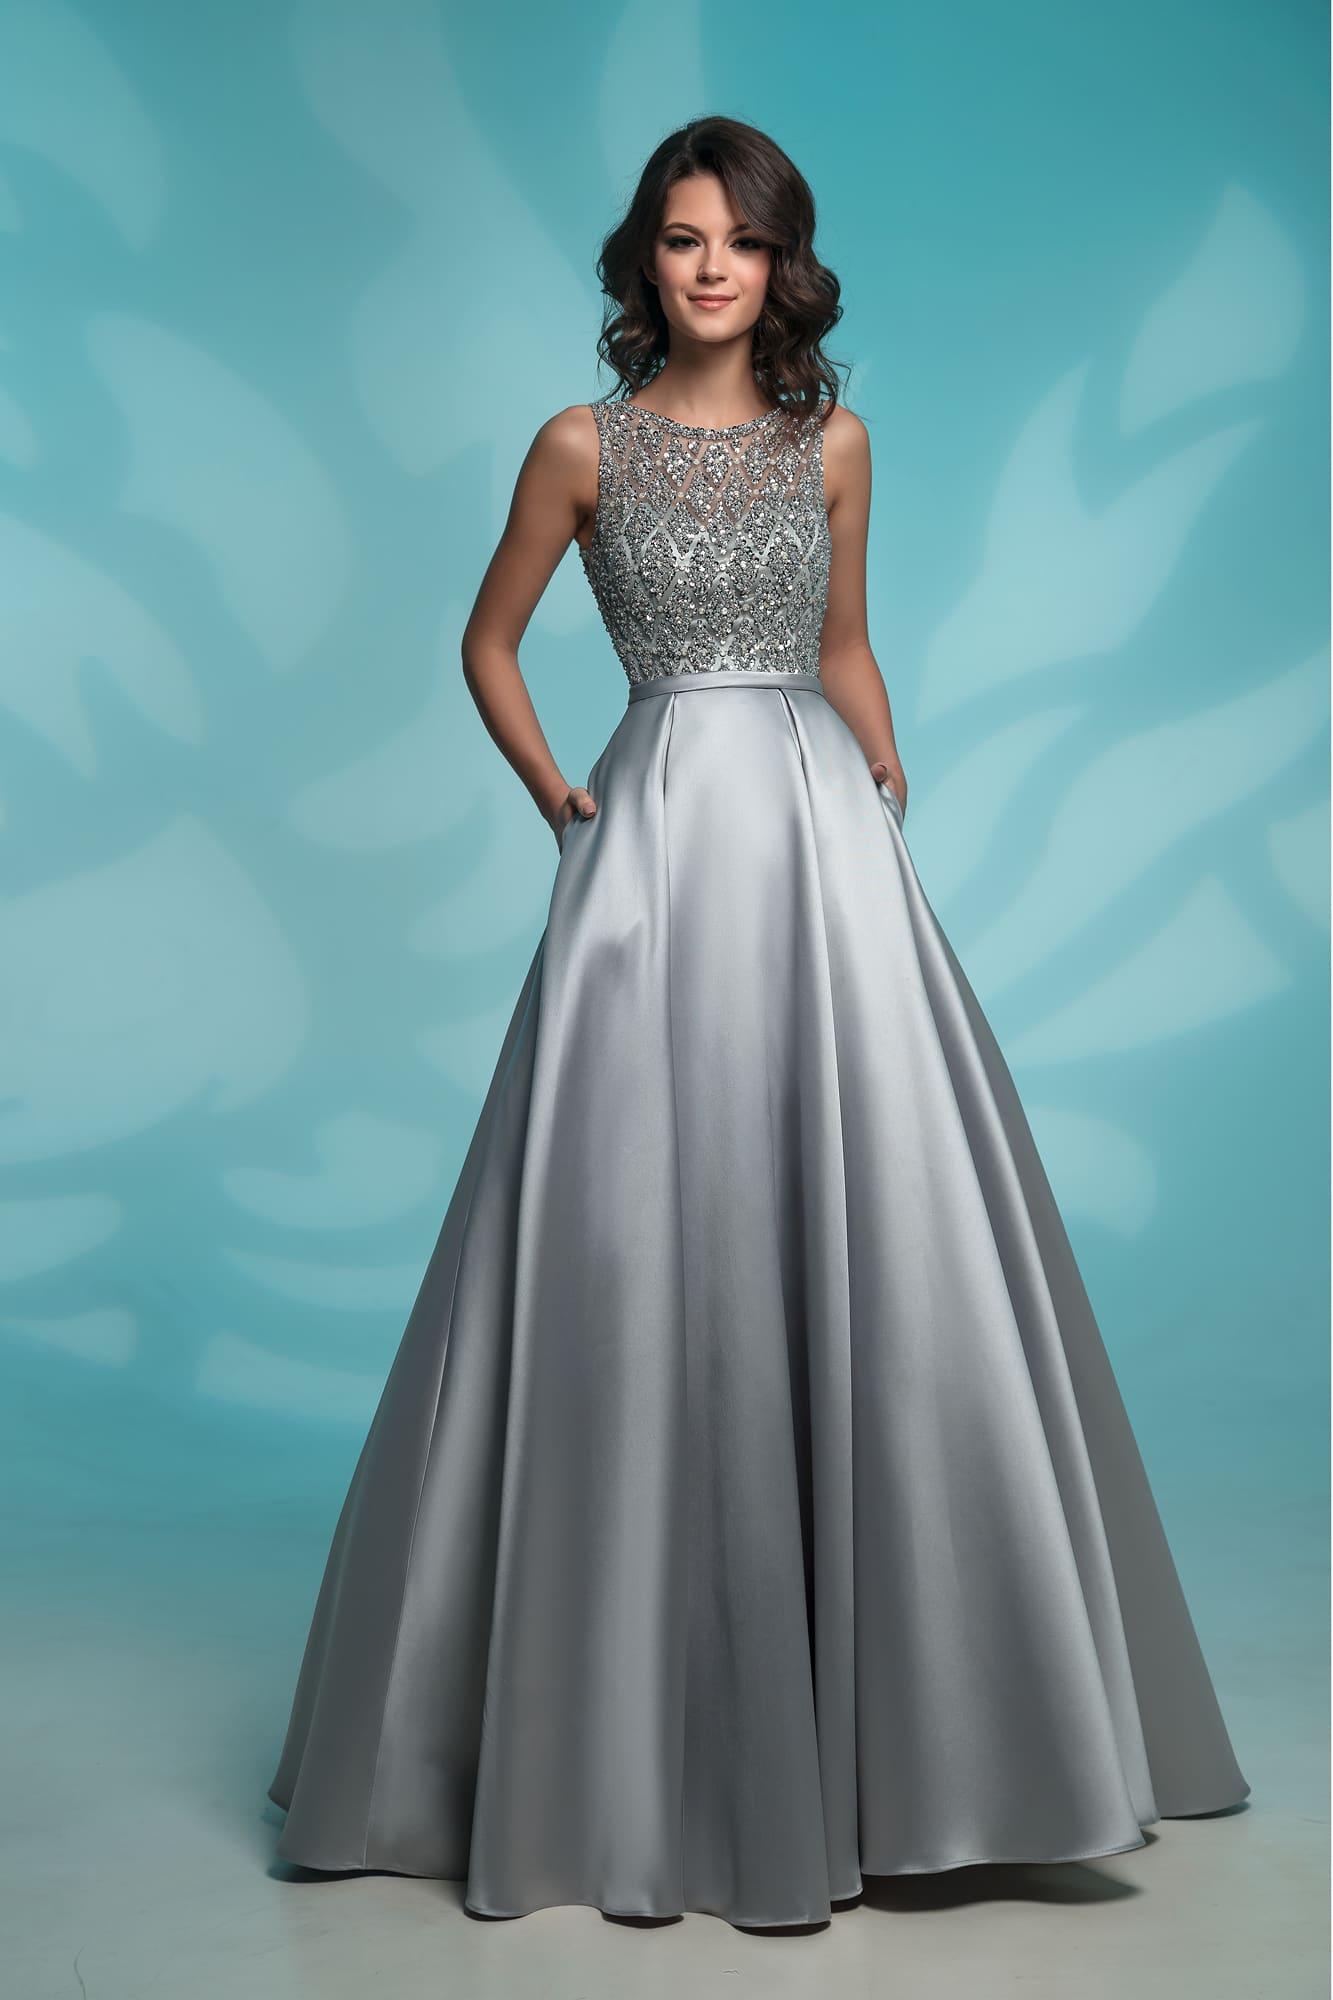 79f7a8c9507ae4a Платье на выпускной с карманами Nora Naviano 8142 grey. Купить ...